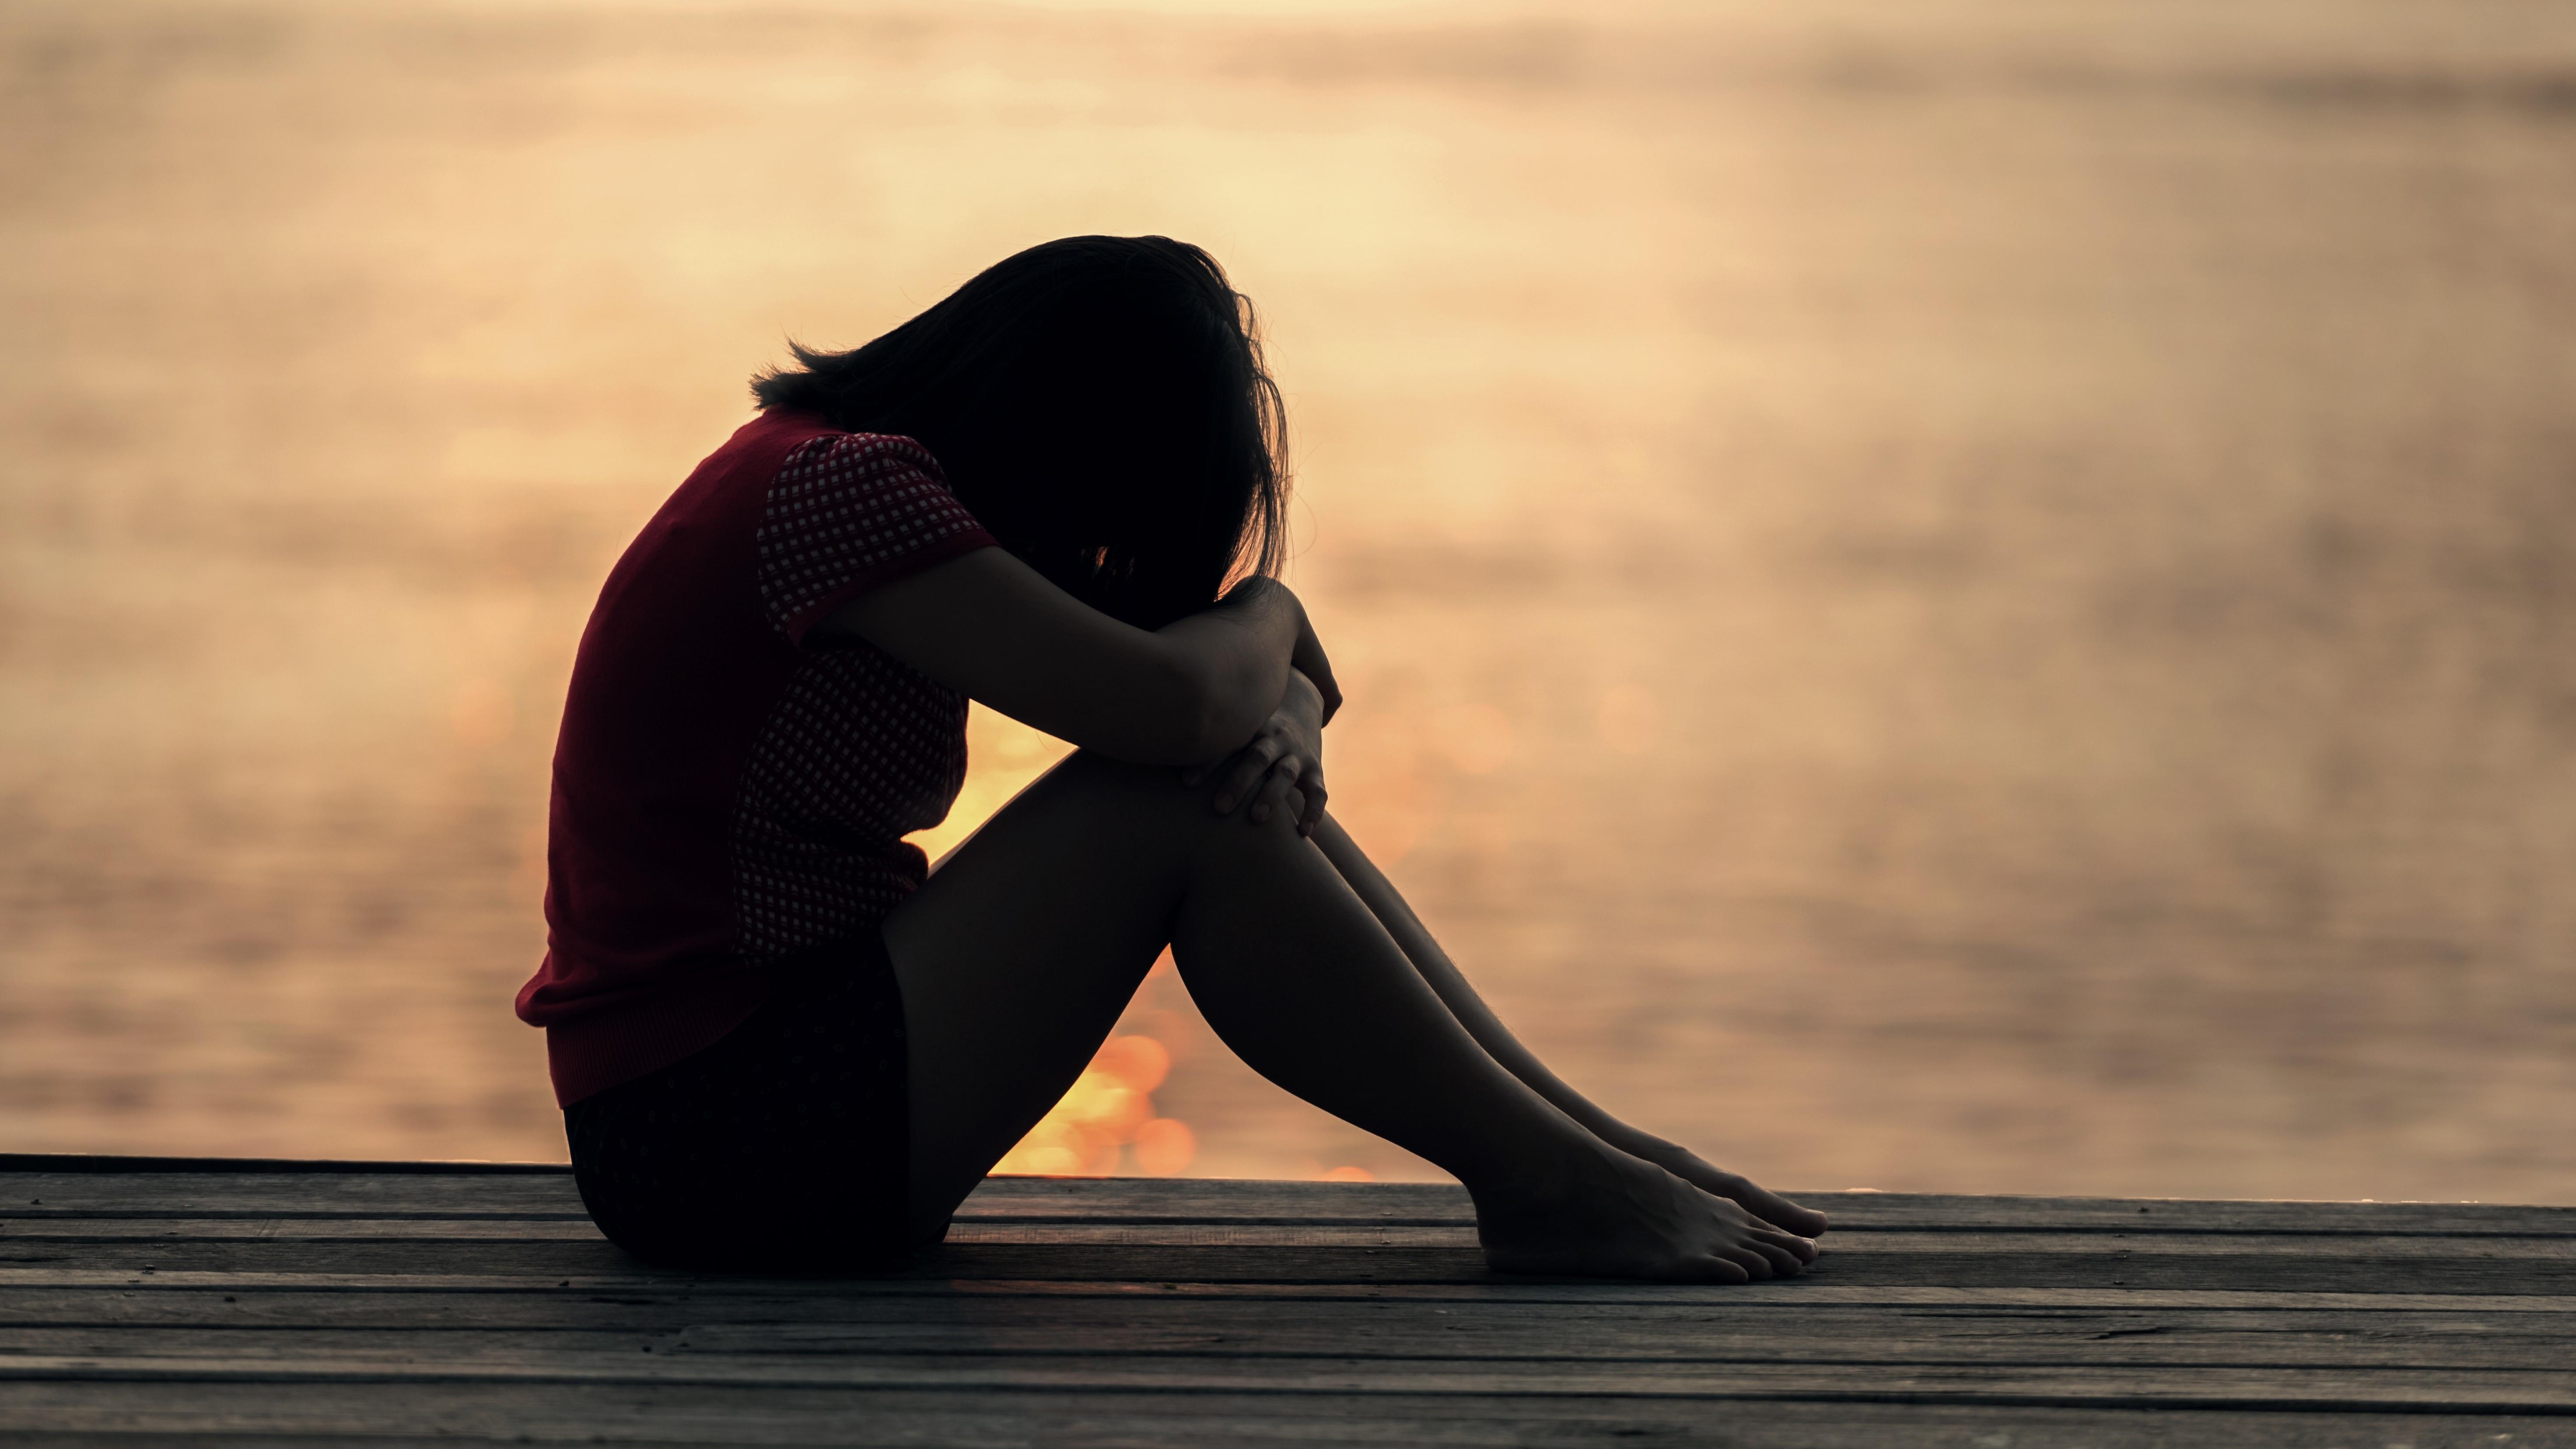 Einsamkeit überwinden: Mit diesen 5 Tipps klappt's